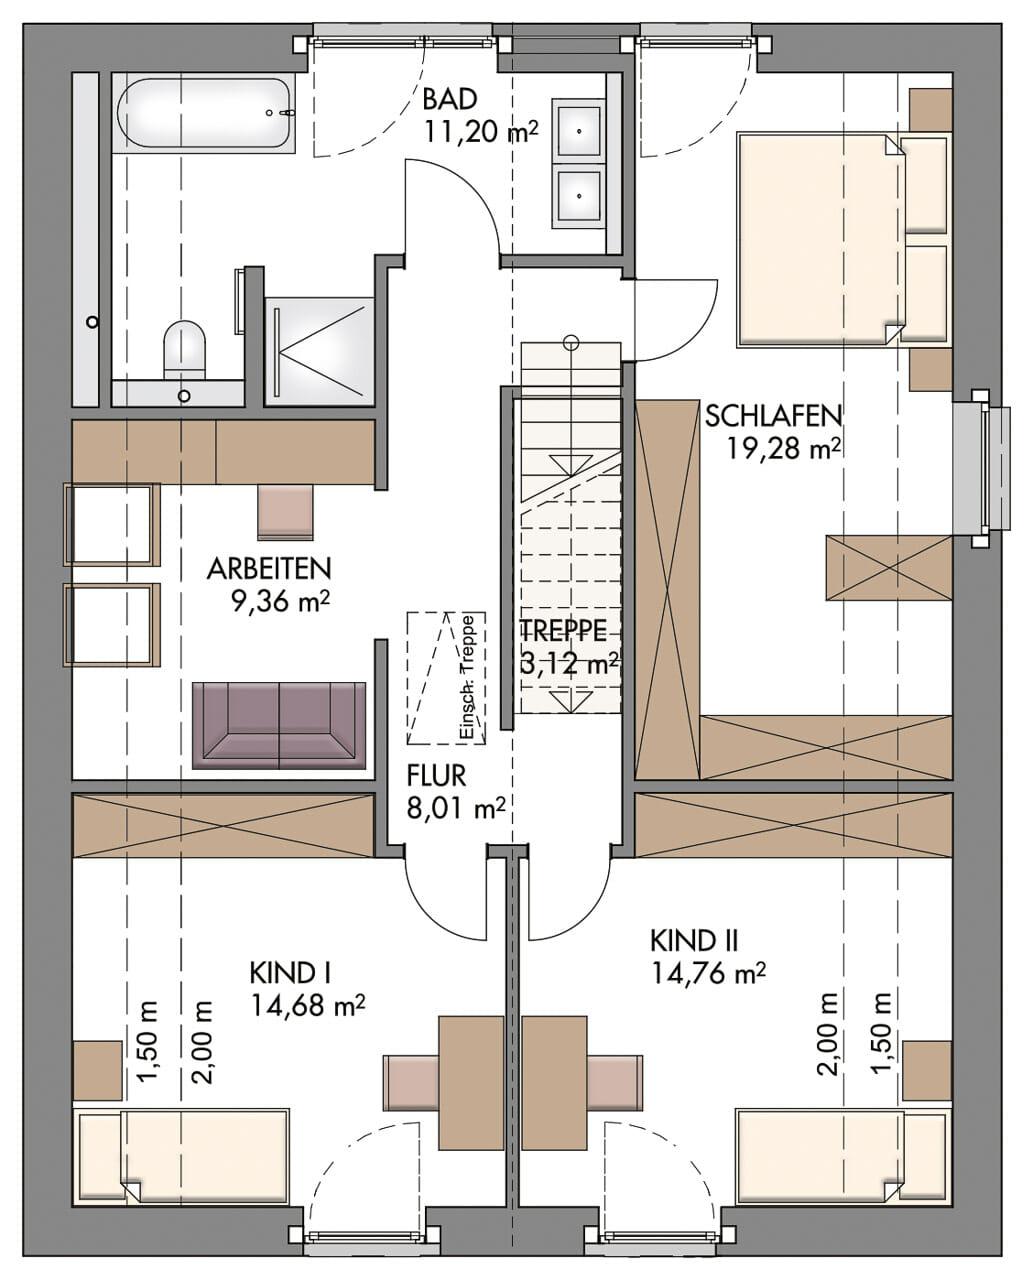 Einfamilienhaus Grundriss Obergeschoss mit Satteldach & gerade Treppe mittig - Haus Design Ideen Massivhaus Vario-Haus 160 von ECO System HAUS - HausbauDirekt.de